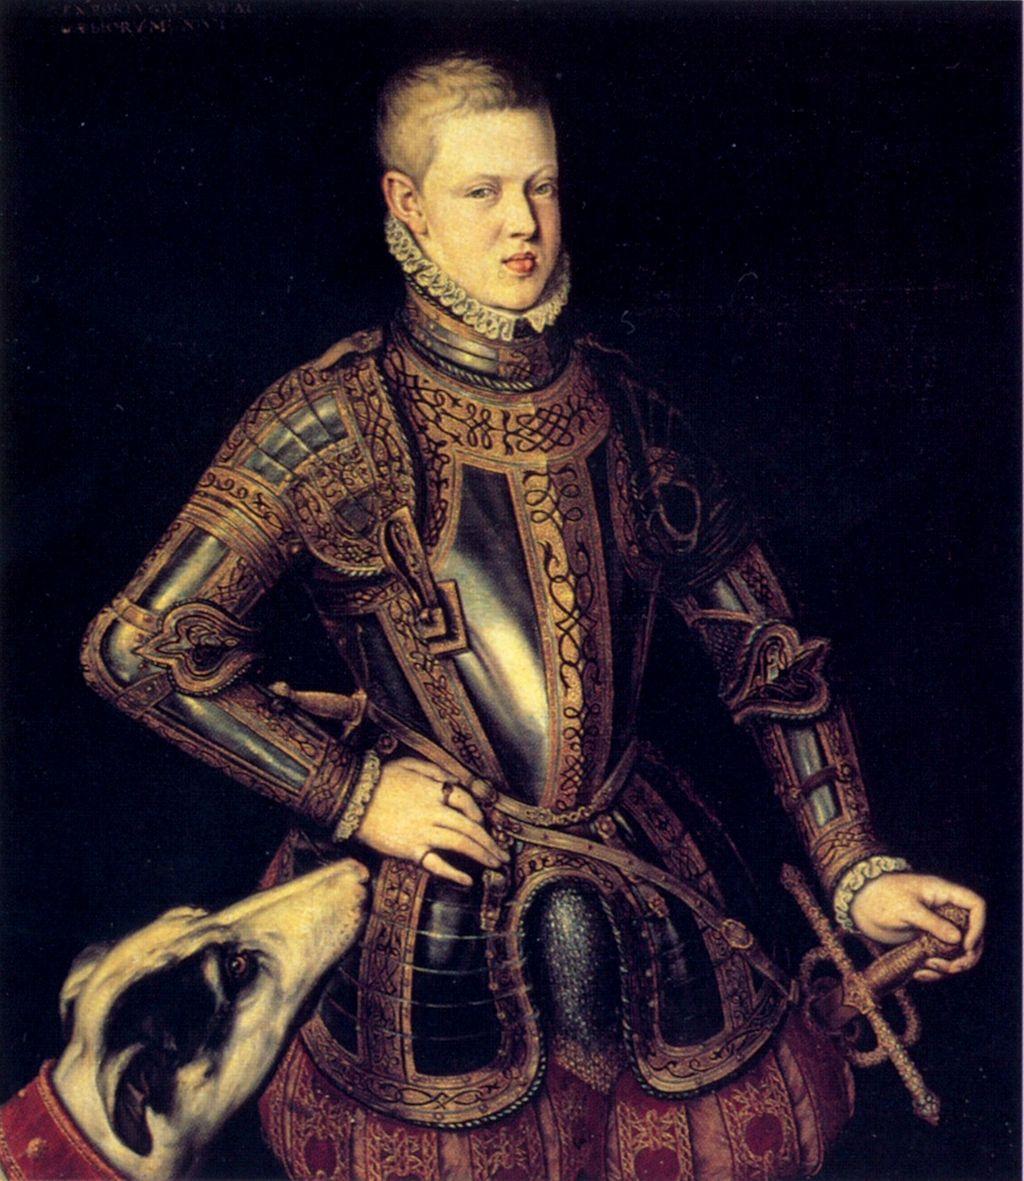 Sebastian I de Portugal por Cristóvão de Morais